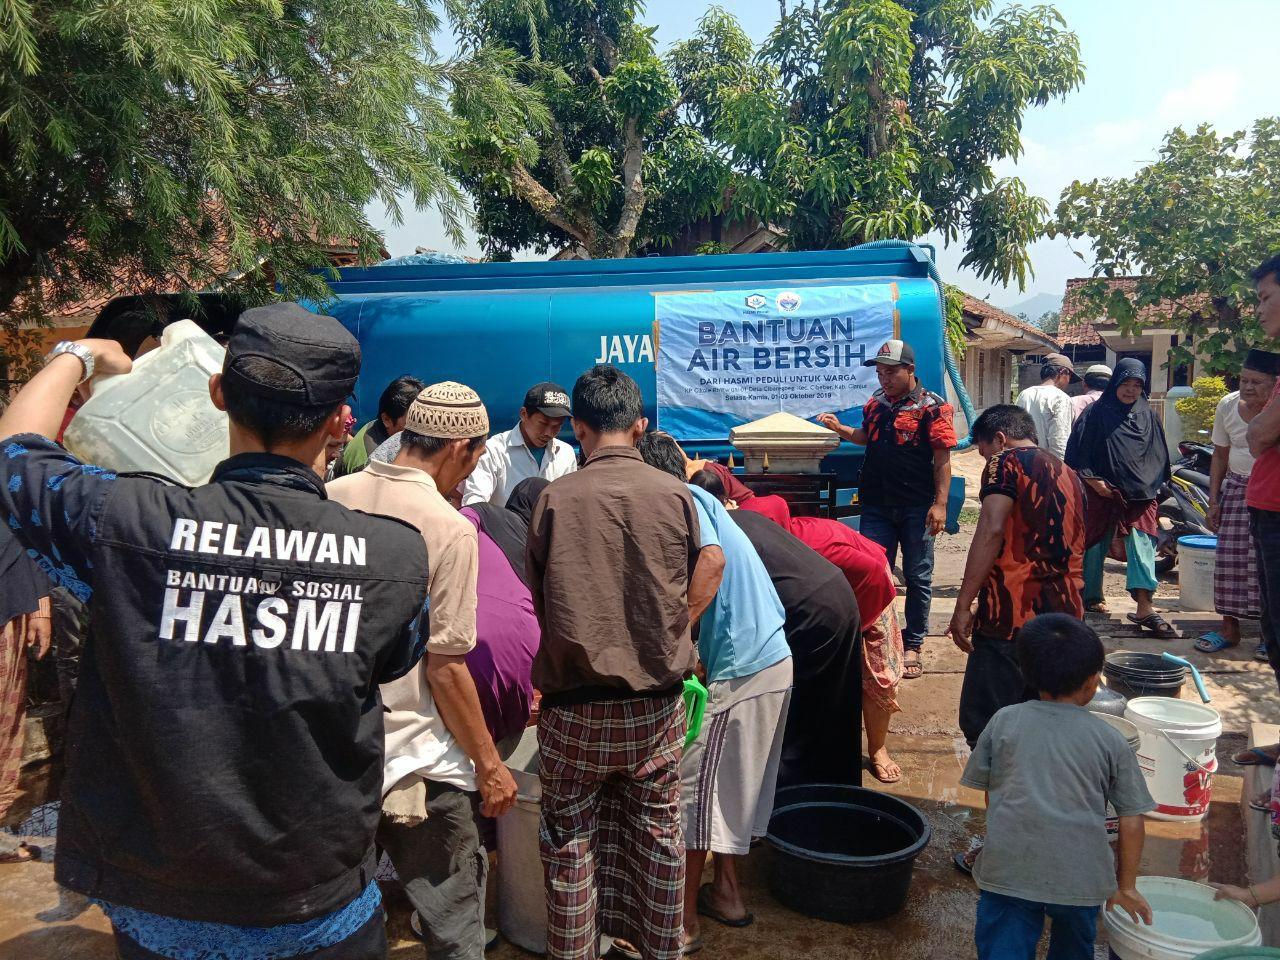 HASMI Bagikan Air Bersih Kepada Warga Kp Cibaregbeg – Cianjur